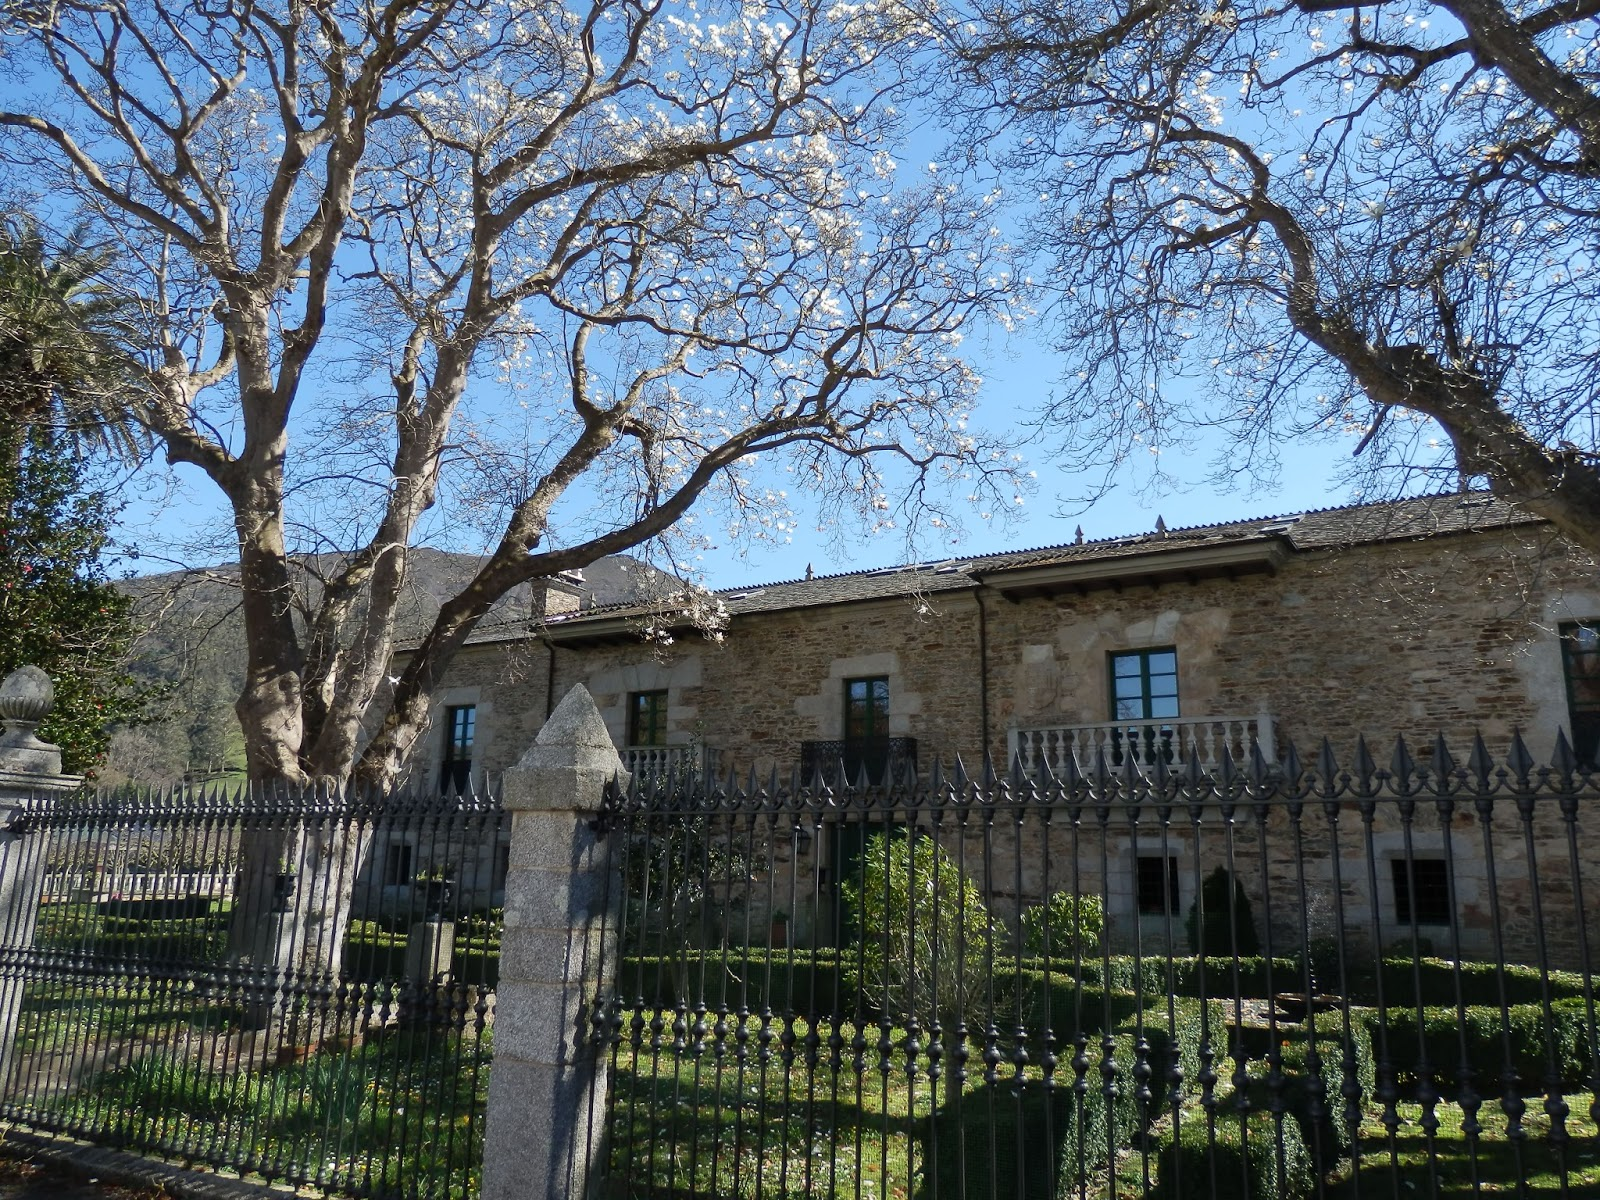 Paseos Por El Patrimonio Page 2 Foros Xenealox A Org  # Muebles Bujan Melide